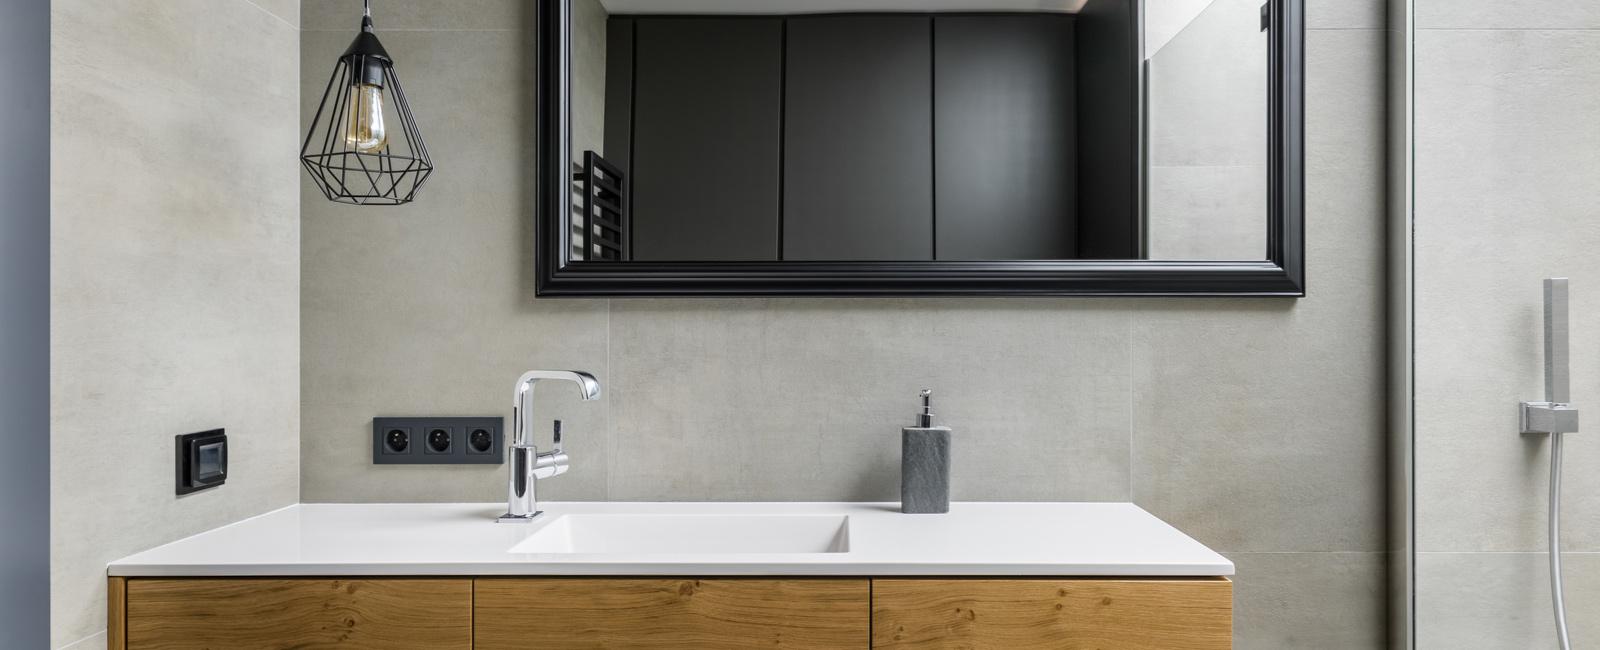 Espace Entre 2 Vasques comment installer, monter, poser une vasque de salle de bain ?